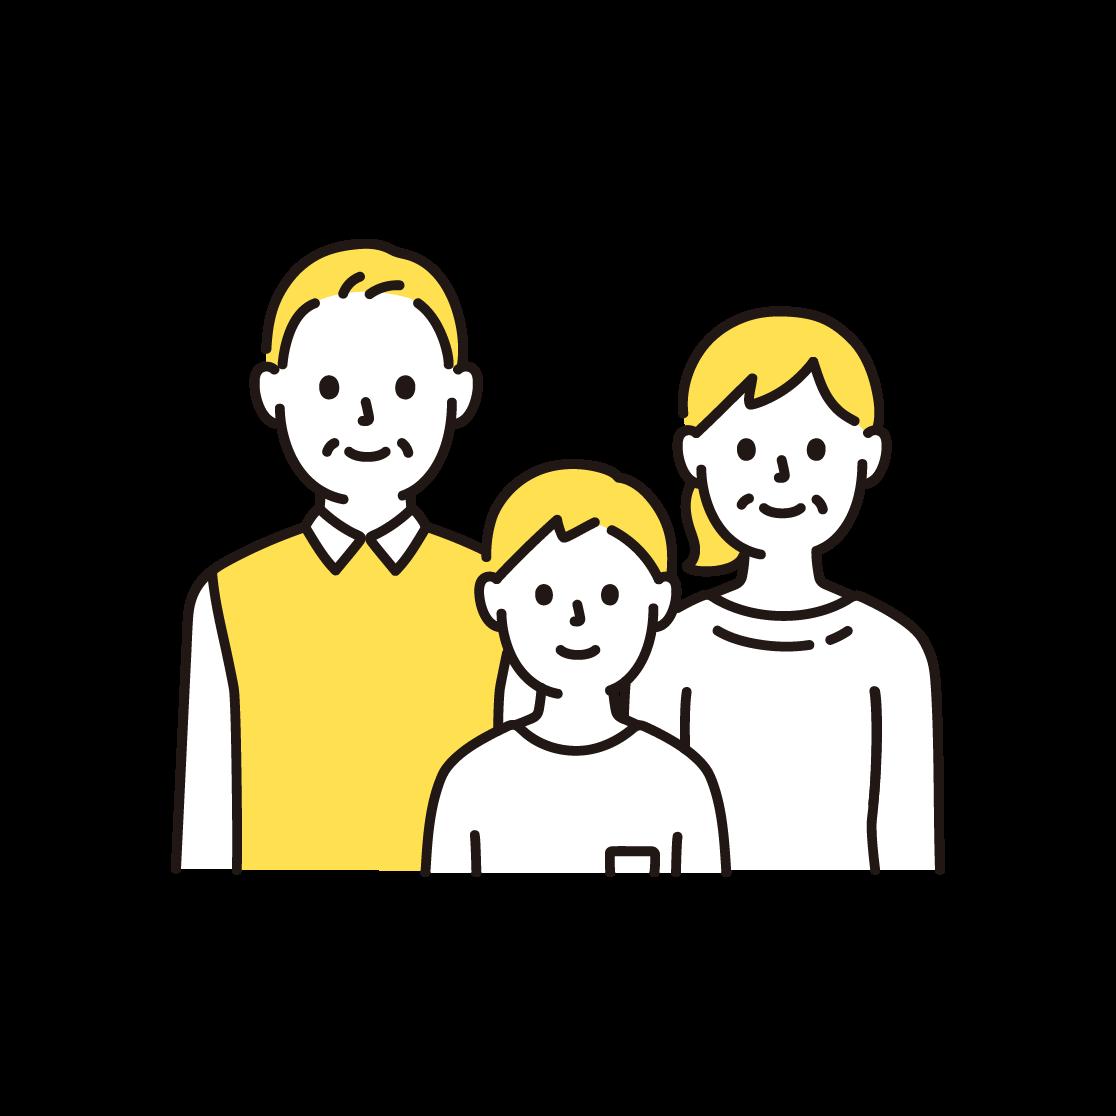 3人家族(上半身)の単色イラスト